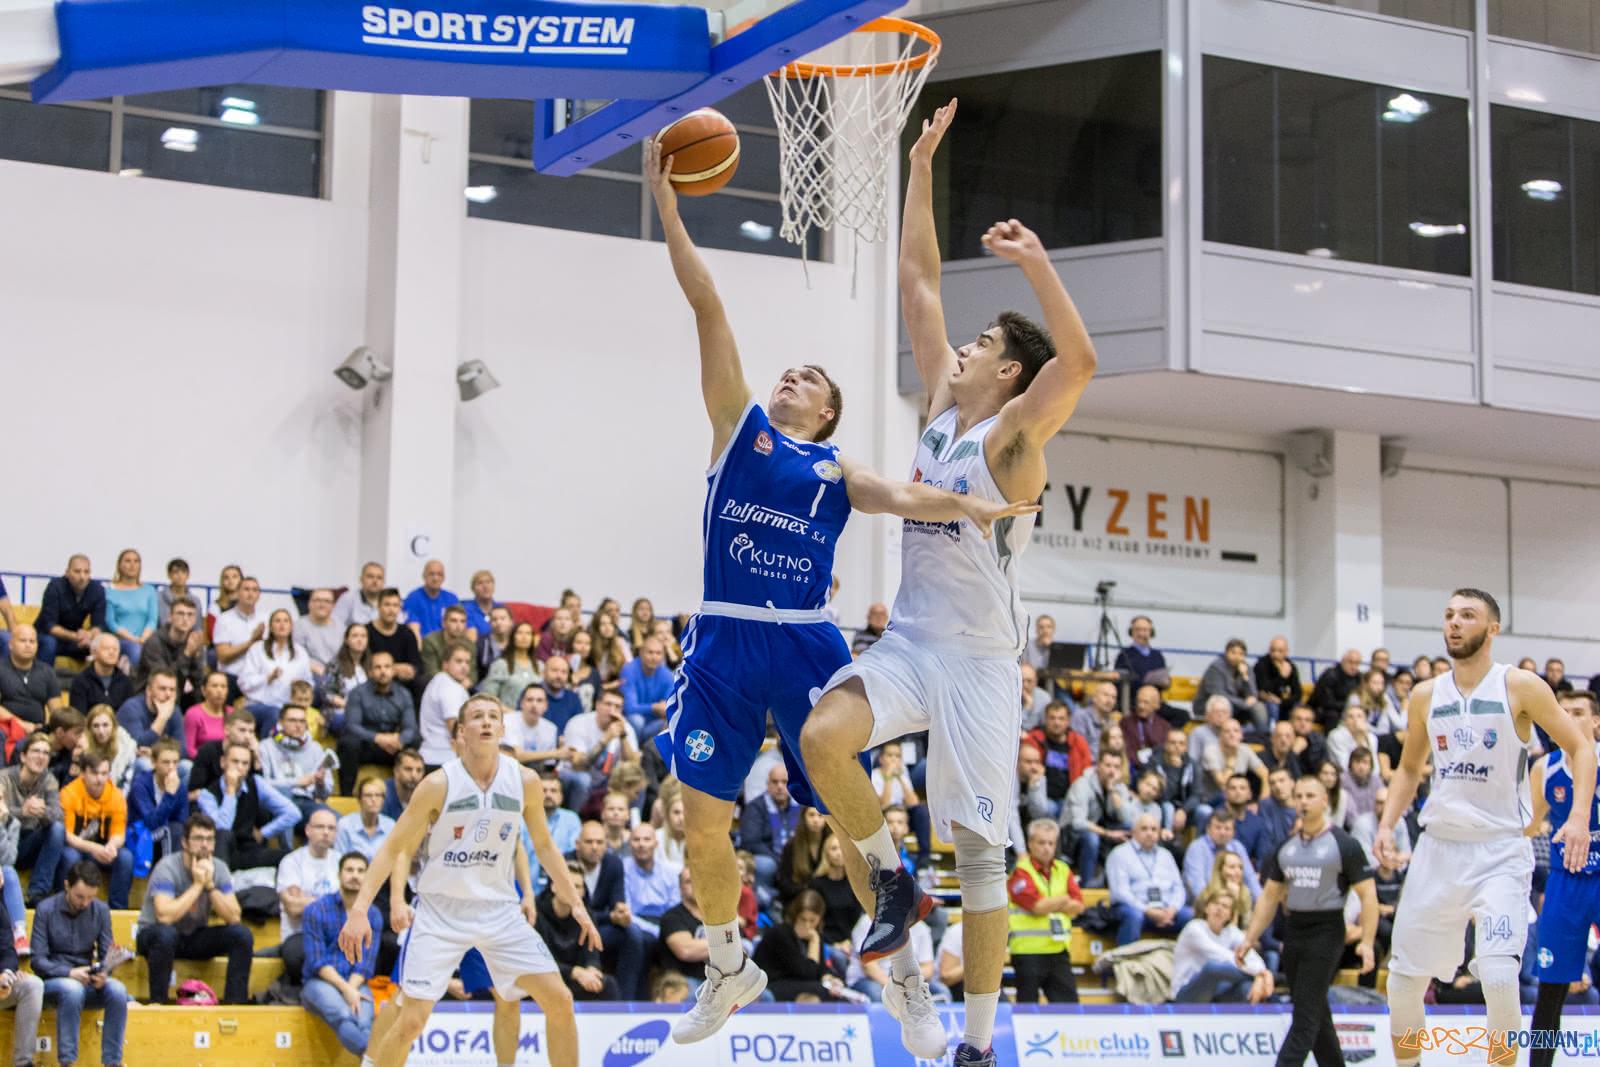 Biofarm Basket Poznań - Polfarmex Kutno 70:73 - Poznań 03.11.2  Foto: LepszyPOZNAN.pl / Paweł Rychter